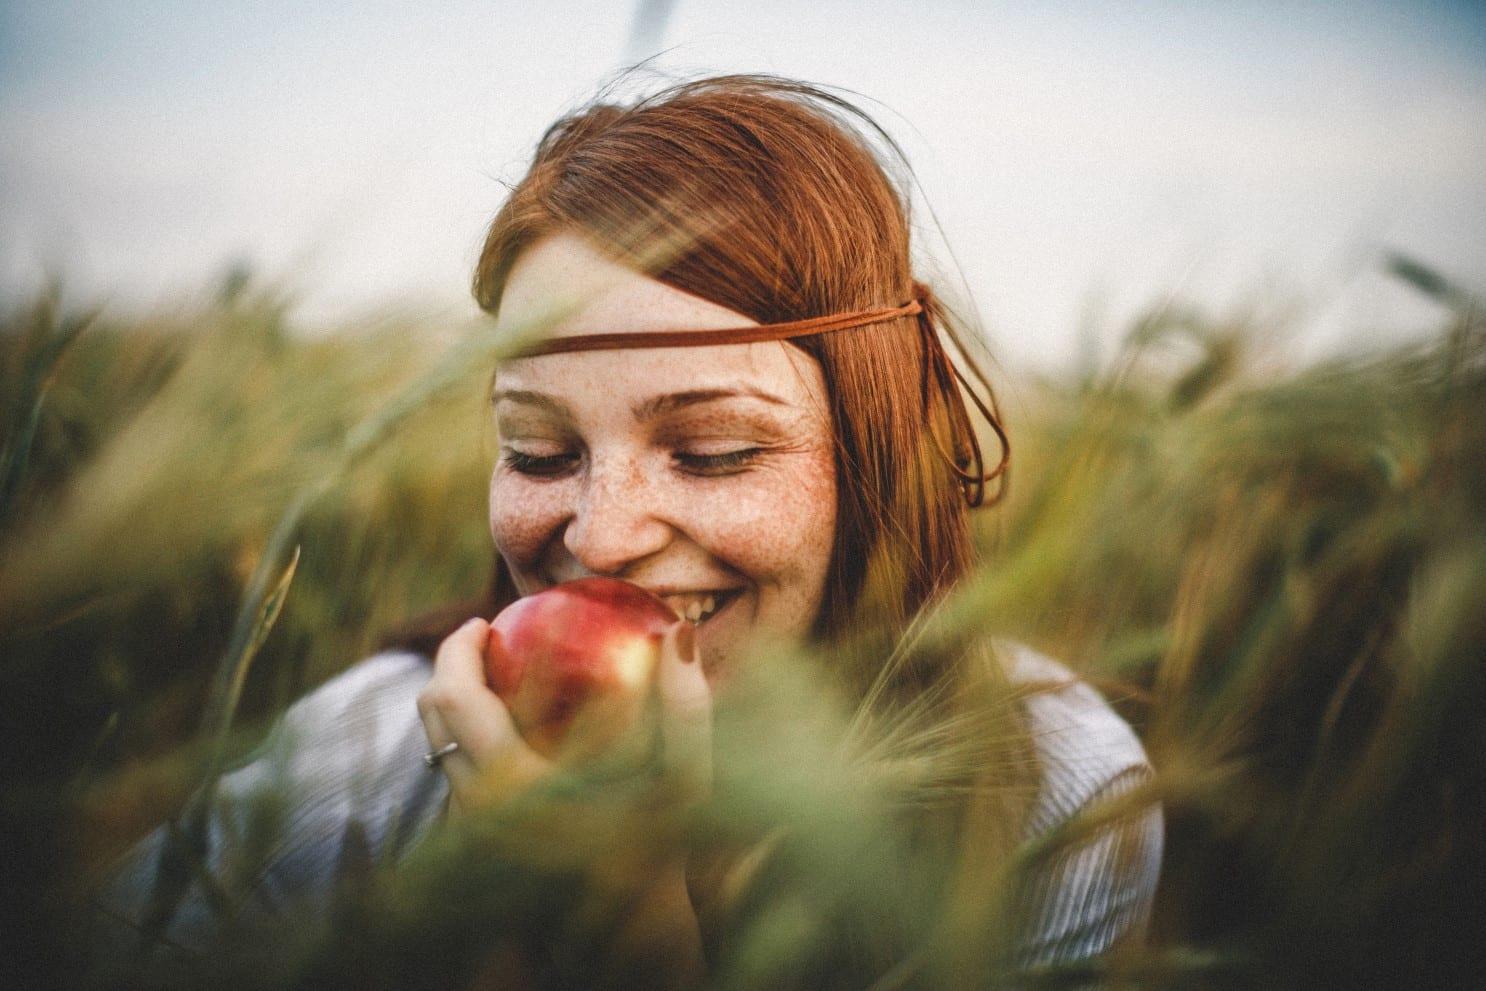 Hypnose, confiance en soi et sourire aux lèvres 2 par Shaff Ben Amar Hypnose centre d'hypnose sur Bourg-La-Reine (92340) hypnose et sourire à L'Haÿ-les-Roses (94240) , hypnose et sourire à Cachan (94230 ) , hypnose et sourire à Arcueil (94110 ), hypnose et sourire à Bagneux (92220 ) , hypnose et sourire à Sceaux (92330 ), hypnose et sourire à Fontenay-aux-Roses (92260 ), hypnose et sourire à Chevilly-Larue (94550 ) , hypnose et sourire s à Châtillon (92320 ), hypnose et sourire à Fresnes (94260 ), hypnose et sourire au Plessis-Robinson (92350 ) , hypnose et sourire à Montrouge (92120 ) , hypnose et sourire à Antony (92160 ), hypnose et sourire à Gentilly (94250 ), hypnose et sourire à Malakoff (92240 ), hypnose et sourire à Villejuif (94800 ) , hypnose et sourire à Clamart (92140 ), hypnose et sourire à Châtenay-Malabry (92290 ), hypnose et sourire à Rungis (94150 ) , hypnose et sourire au Kremlin-Bicêtre (94270), hypnose et sourire à Paris (75), hypnose et sourire en Île de France , hypnose et sourire à Paris (75000) , hypnose et sourire à Boulogne-Billancourt (92100) , hypnose et sourire à Saint-Denis (93200) , hypnose et sourire à Argenteuil (95100) , hypnose et sourire à Montreuil (93100) , hypnose et sourire à Créteil (94000) , hypnose et sourire à Nanterre (92000) , hypnose et sourire à Courbevoie (92400) , hypnose et sourire à Versailles (78000) , hypnose et sourire à Vitry-sur-Seine (94400) , hypnose et sourire à Colombes (92700) , hypnose et sourire à Asnières-sur-Seine (92600) , hypnose et sourire à Aulnay-sous-Bois (93600) , hypnose et sourire à Rueil-Malmaison (92500) , hypnose et sourire à Aubervilliers (93300) , hypnose et sourire à Champigny-sur-Marne (94500) , hypnose et sourire à Saint-Maur-des-Fossés (94100) , hypnose et sourire à Drancy (93700) , hypnose et sourire à Issy-les-Moulineaux (92130) , hypnose et sourire à Levallois-Perret (92300) , hypnose et sourire à Noisy-le-Grand (93160) , hypnose et sourire à Antony (92160) , hypnose et sourire à 